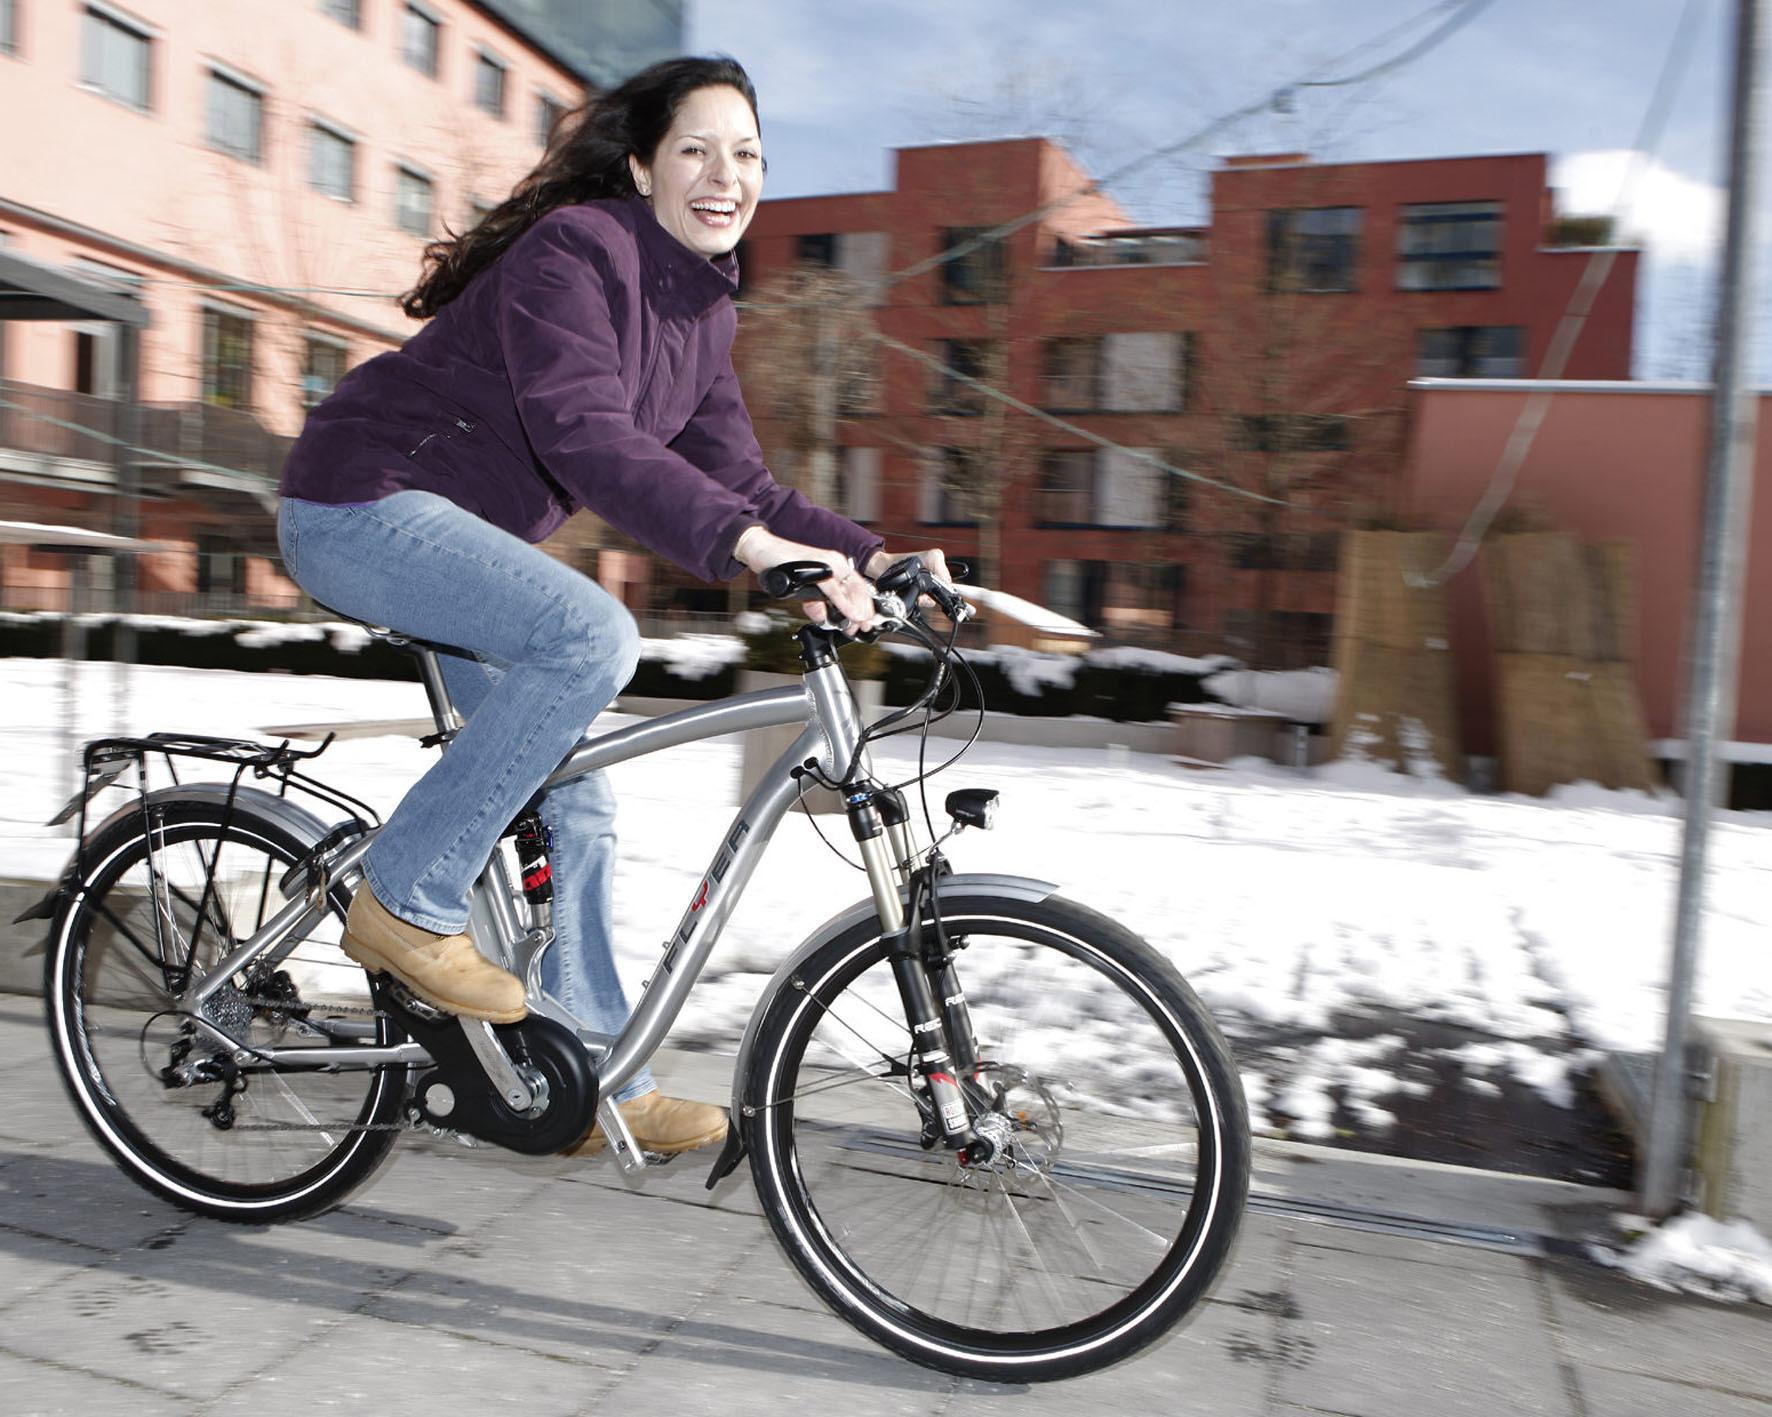 mid Düsseldorf - Hübsches Lächeln, aber die falsche Kleidung: Nur fünf Prozent der Radfahrer in Deutschland tragen im Winter eine Warnweste oder reflektierende Kleidung. Gerade, wenn die Tage kürzer werden, kann das Leben retten.